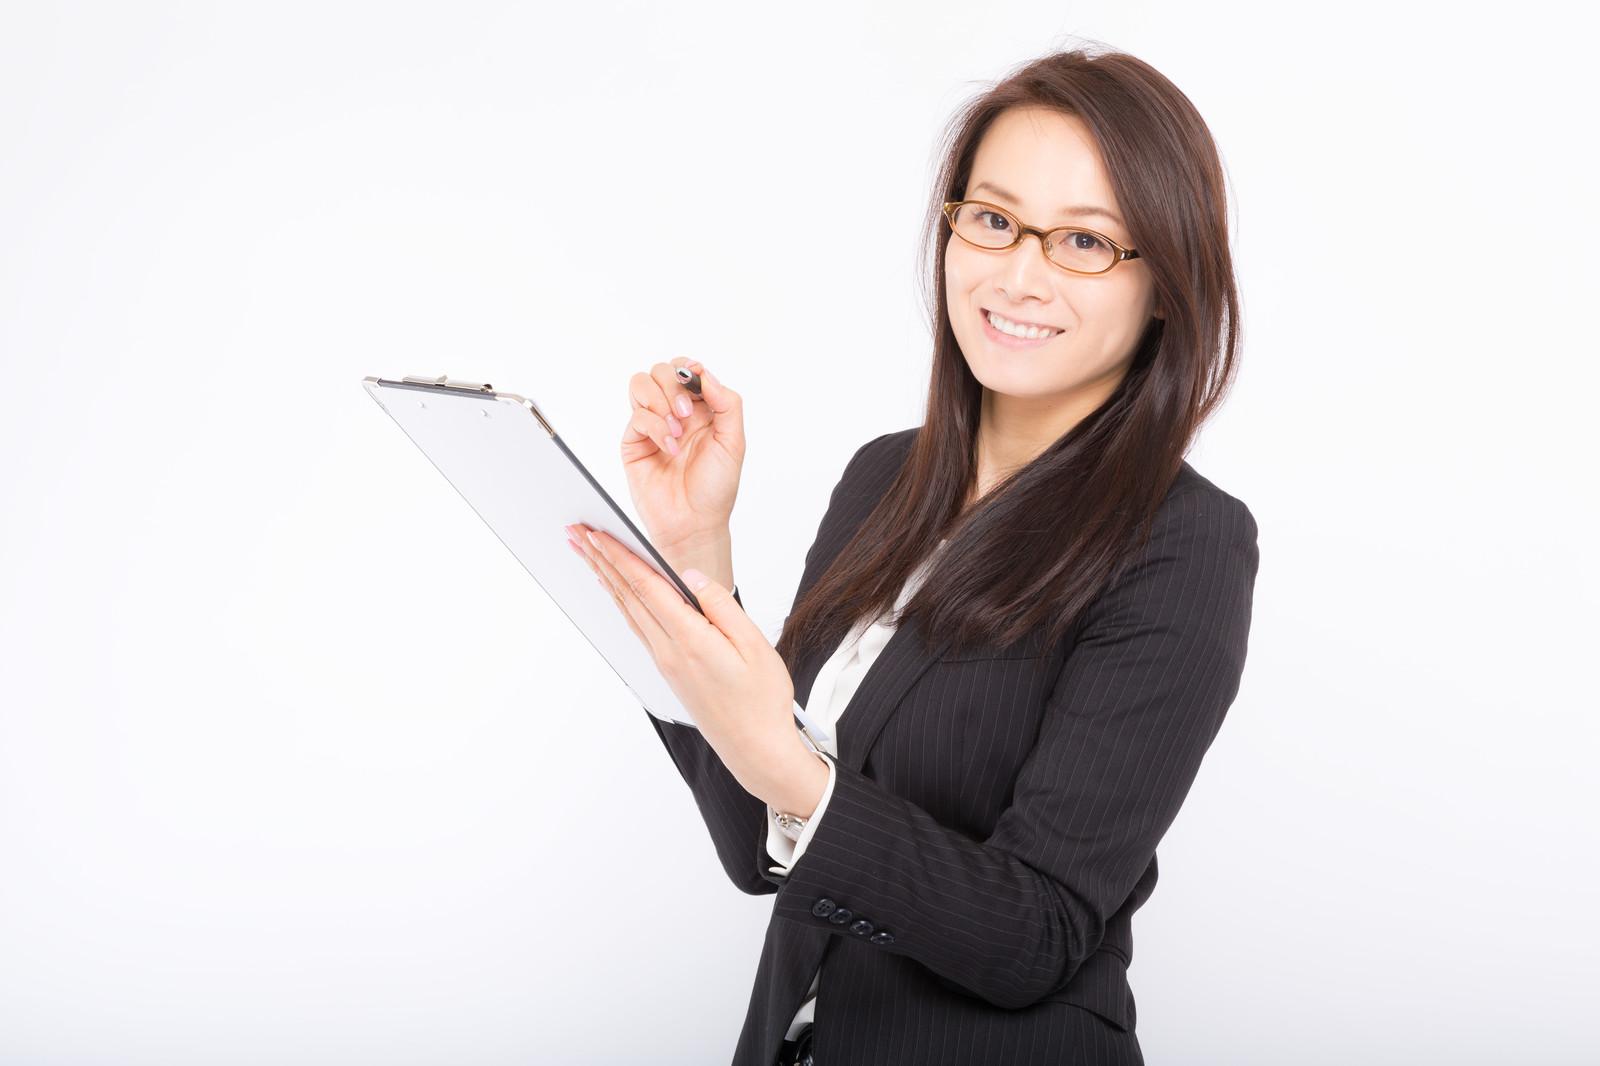 バーチャルオフィスの審査は厳しい?個人事業主がバーチャルオフィスを利用するときにチェック・確認される項目